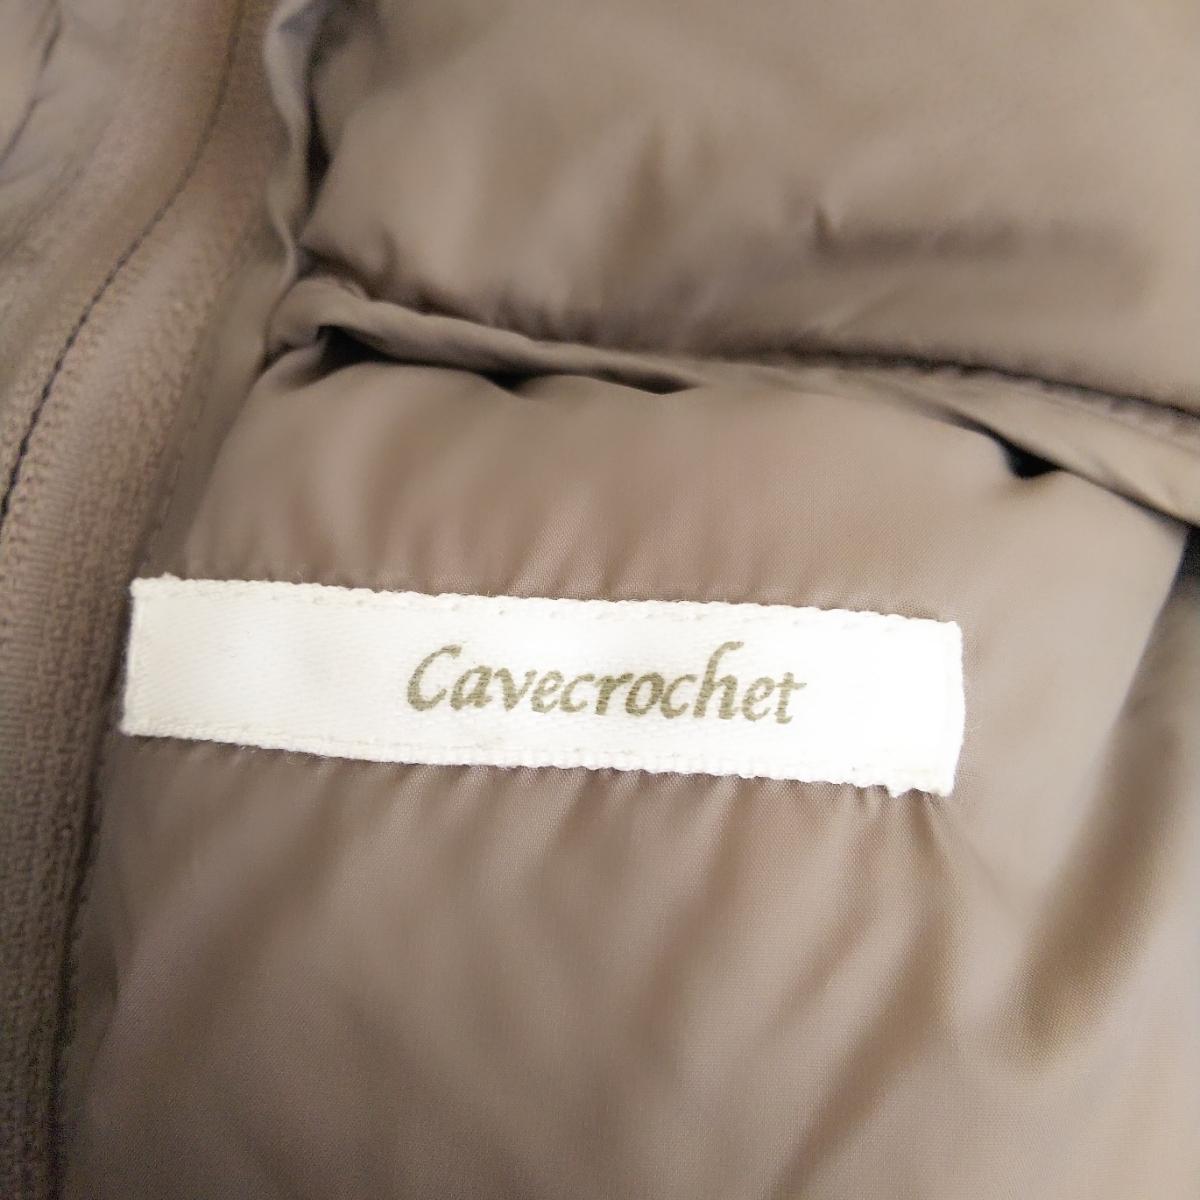 *WL23 Cavecrochet カーブクロッシェ S M レディース 長袖 ママコート グレー チャコール 中綿 ダウン フェザー 抱っこ おんぶ 防寒_画像5